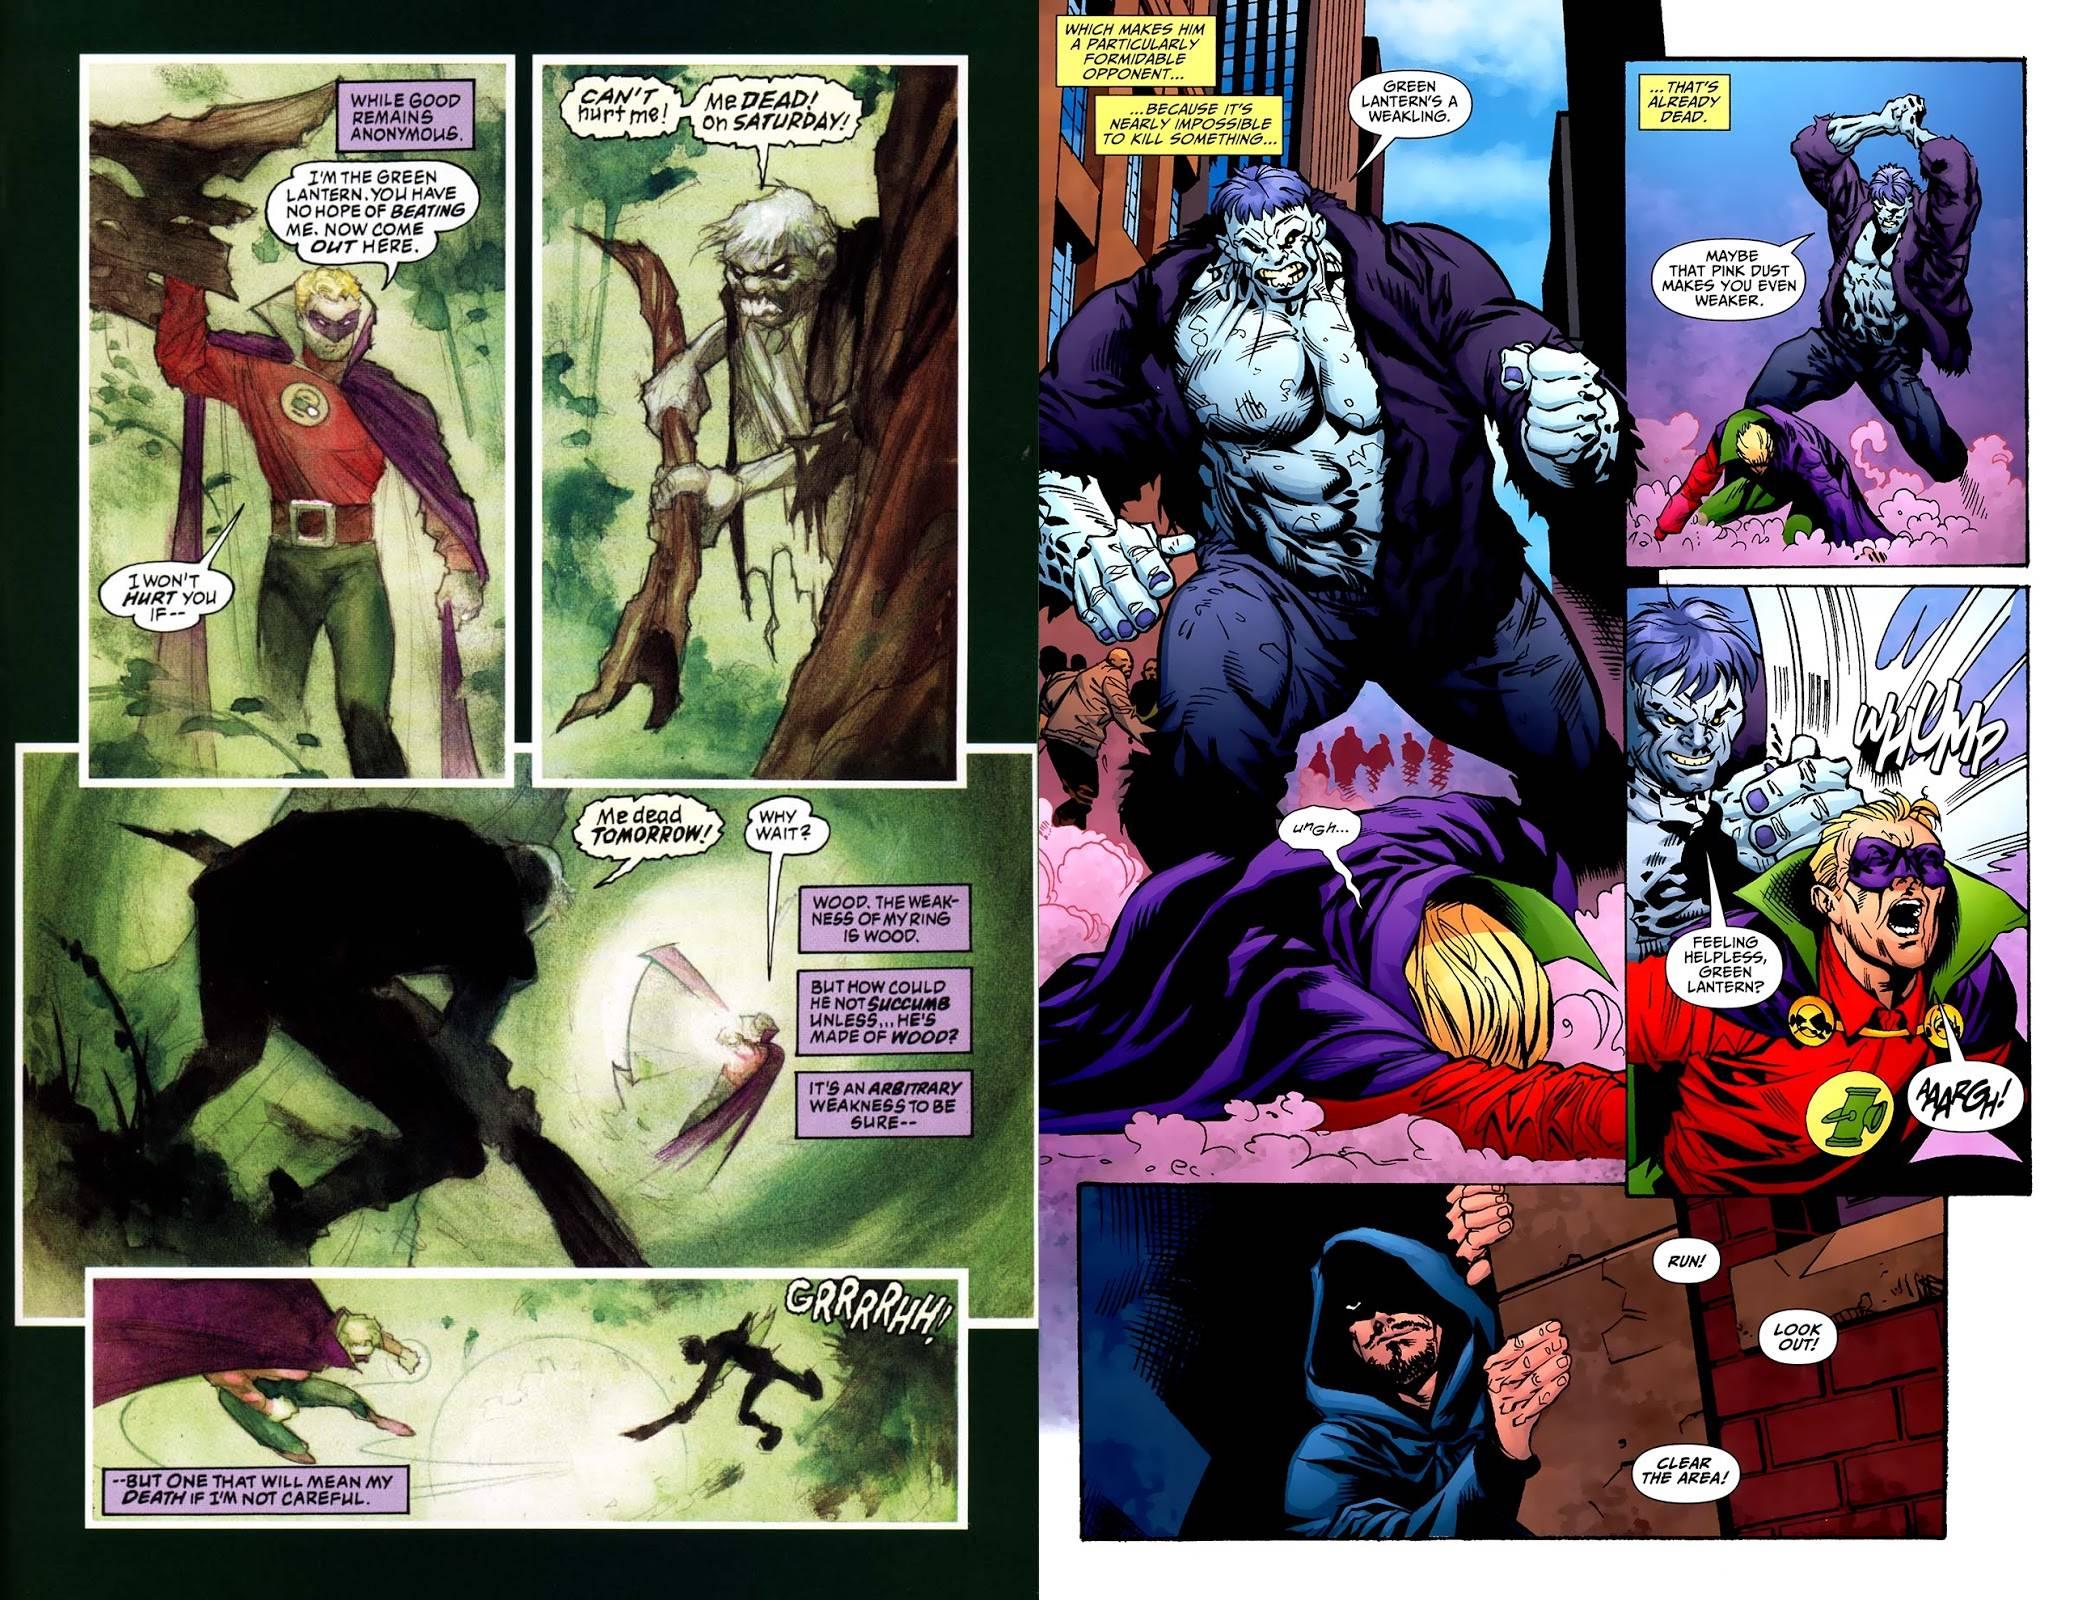 JSA Presents Green Lantern review